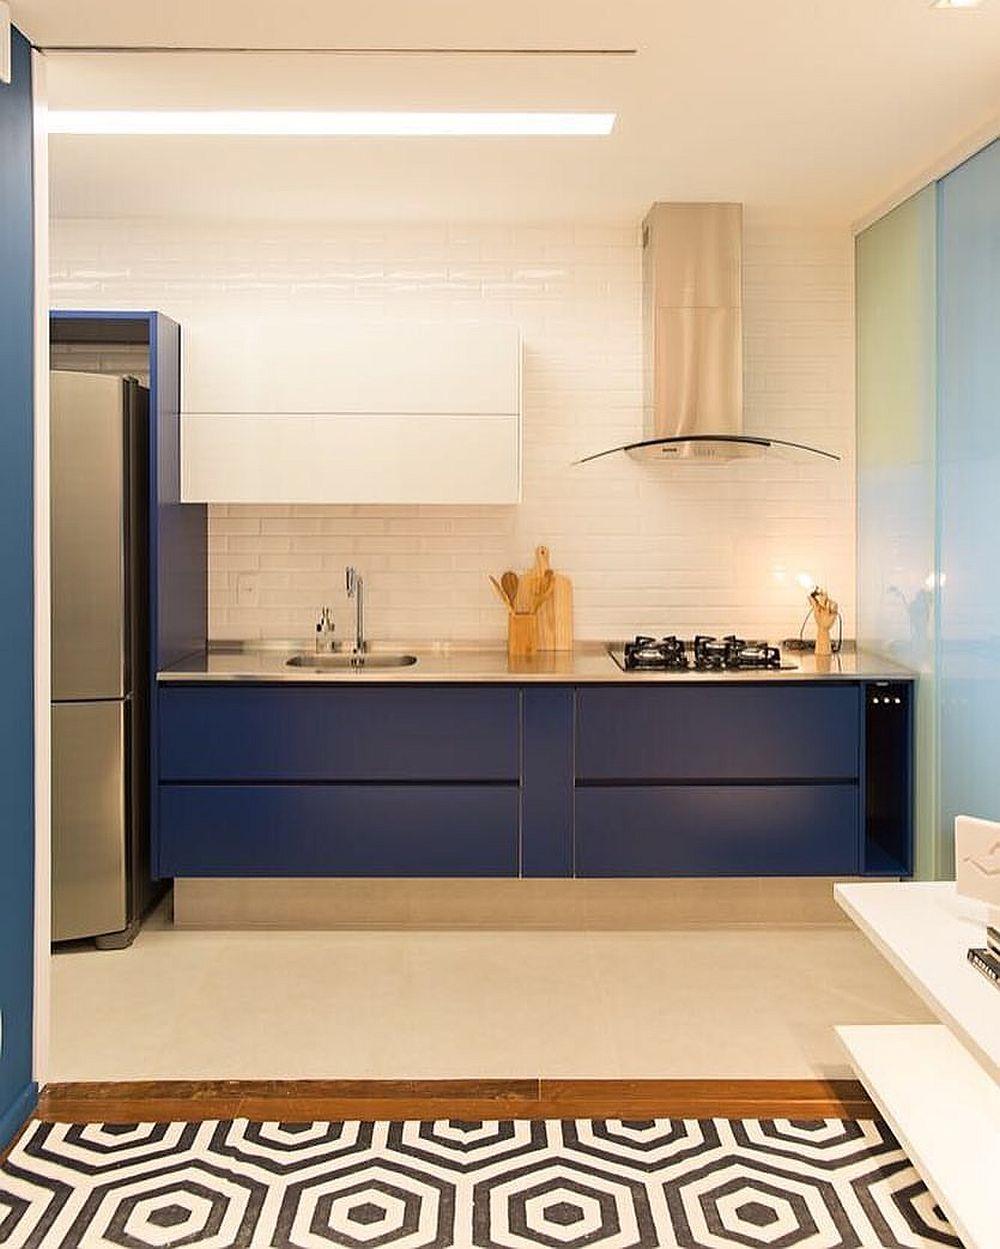 Când ai bucătărie deschisă către living contează mult aspectul ei. Cu cât mai minimală și mai ordonată cu atât și ambientul livingului e mai puțin încărcat.